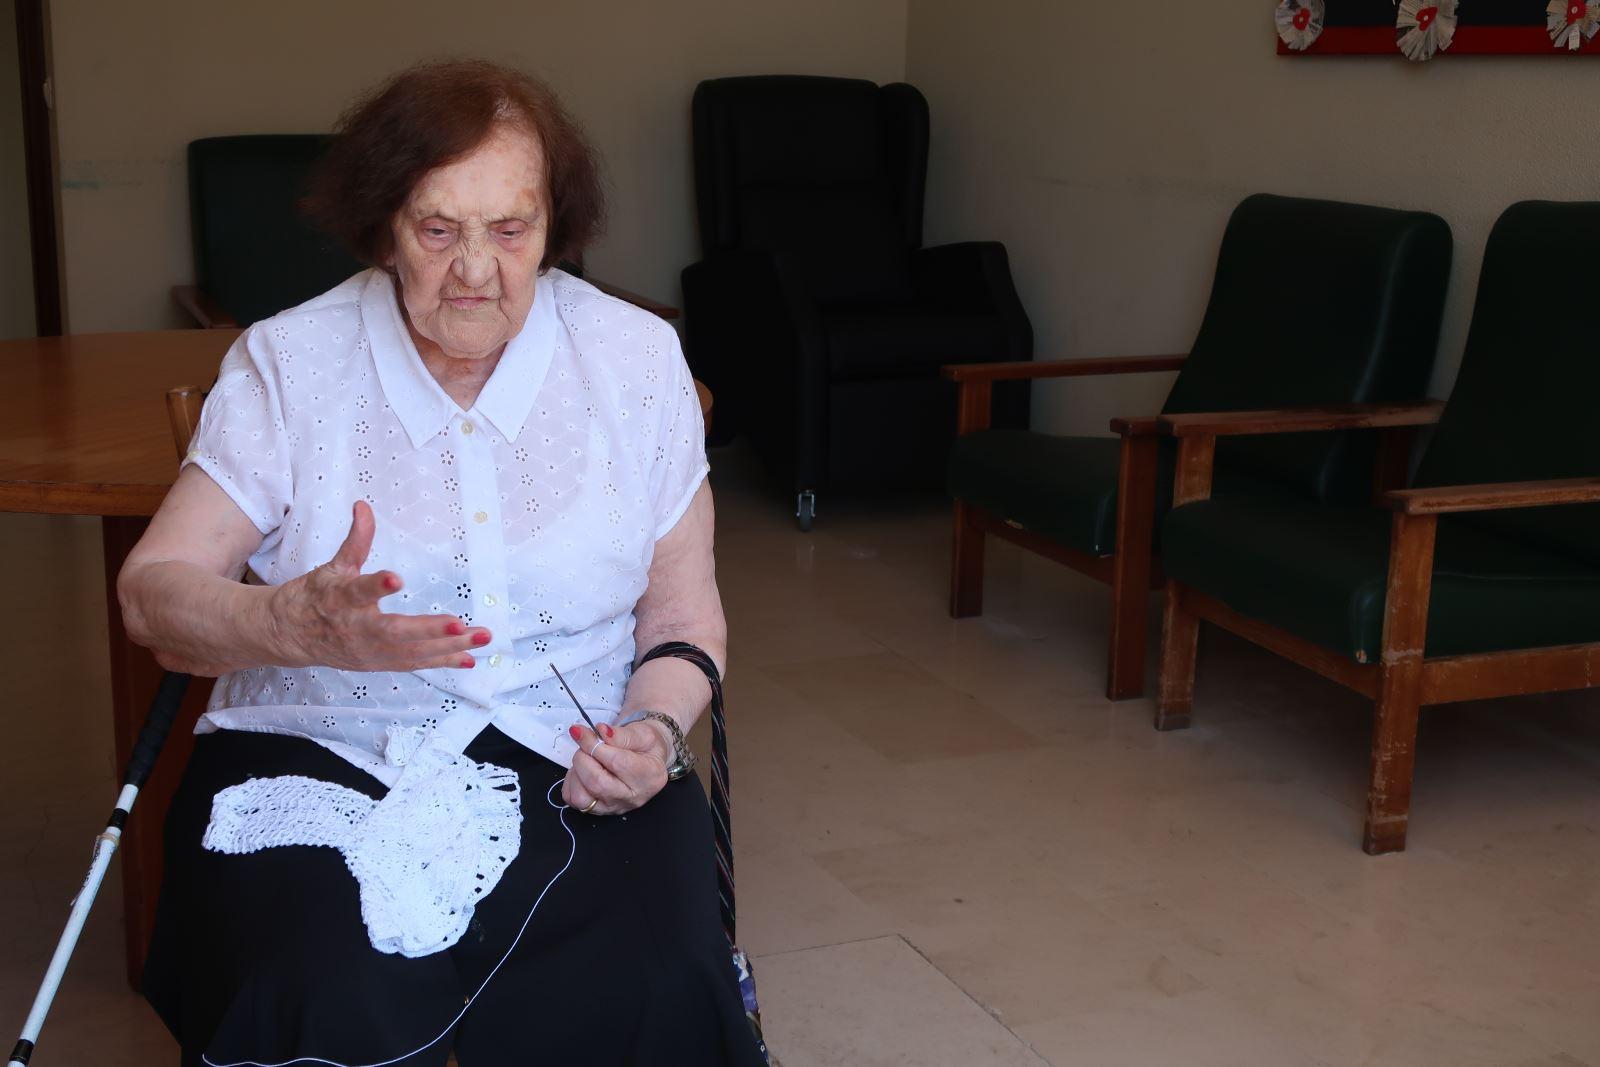 Rostos | Fazer croché mesmo depois da cegueira